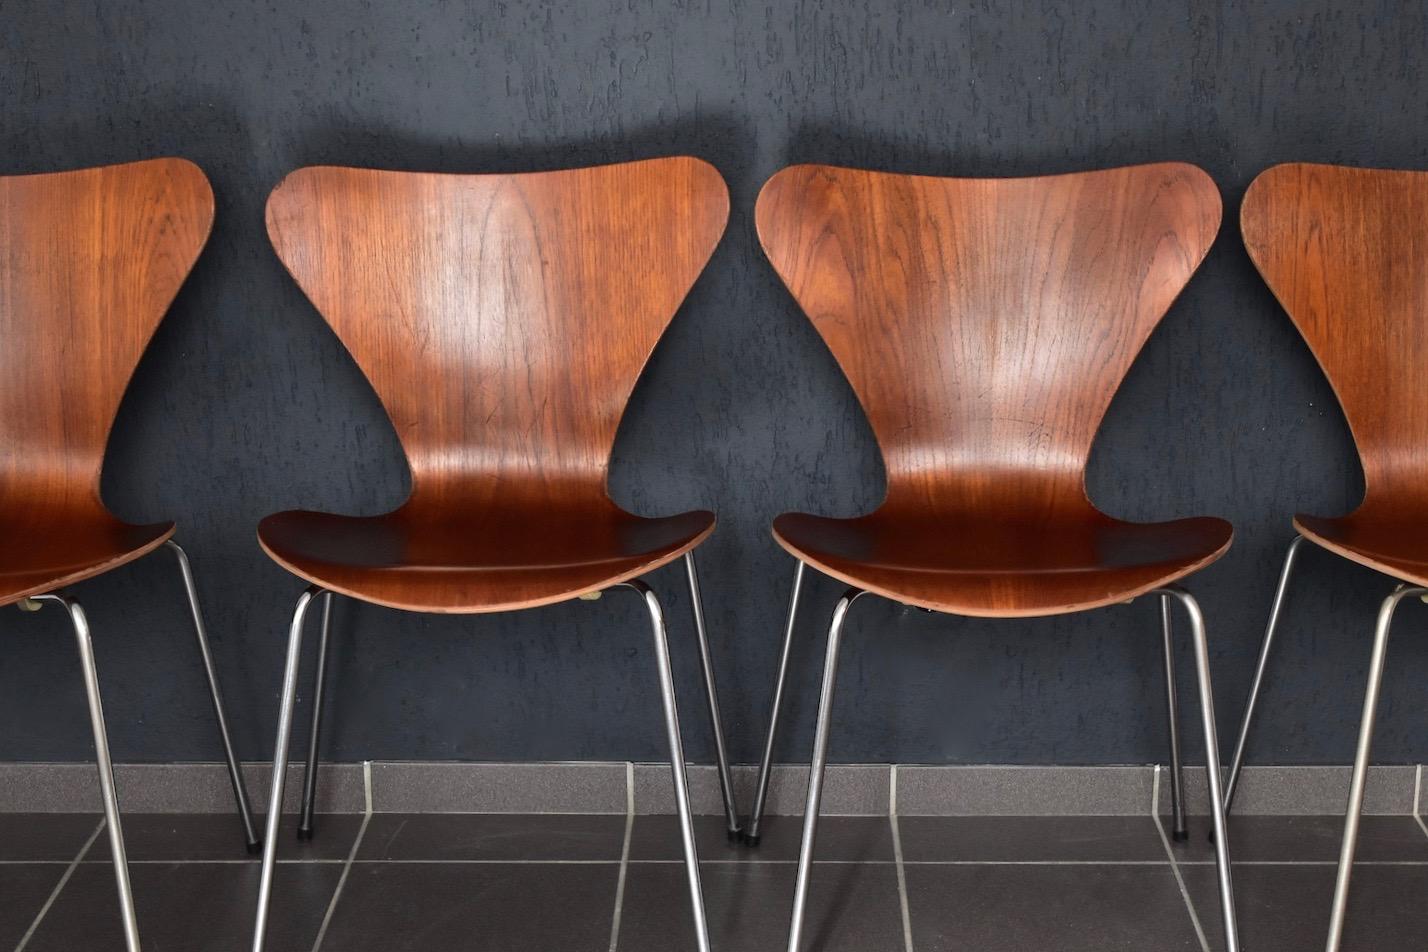 3107 stuhl in teak von arne jacobsen f r fritz hansen. Black Bedroom Furniture Sets. Home Design Ideas